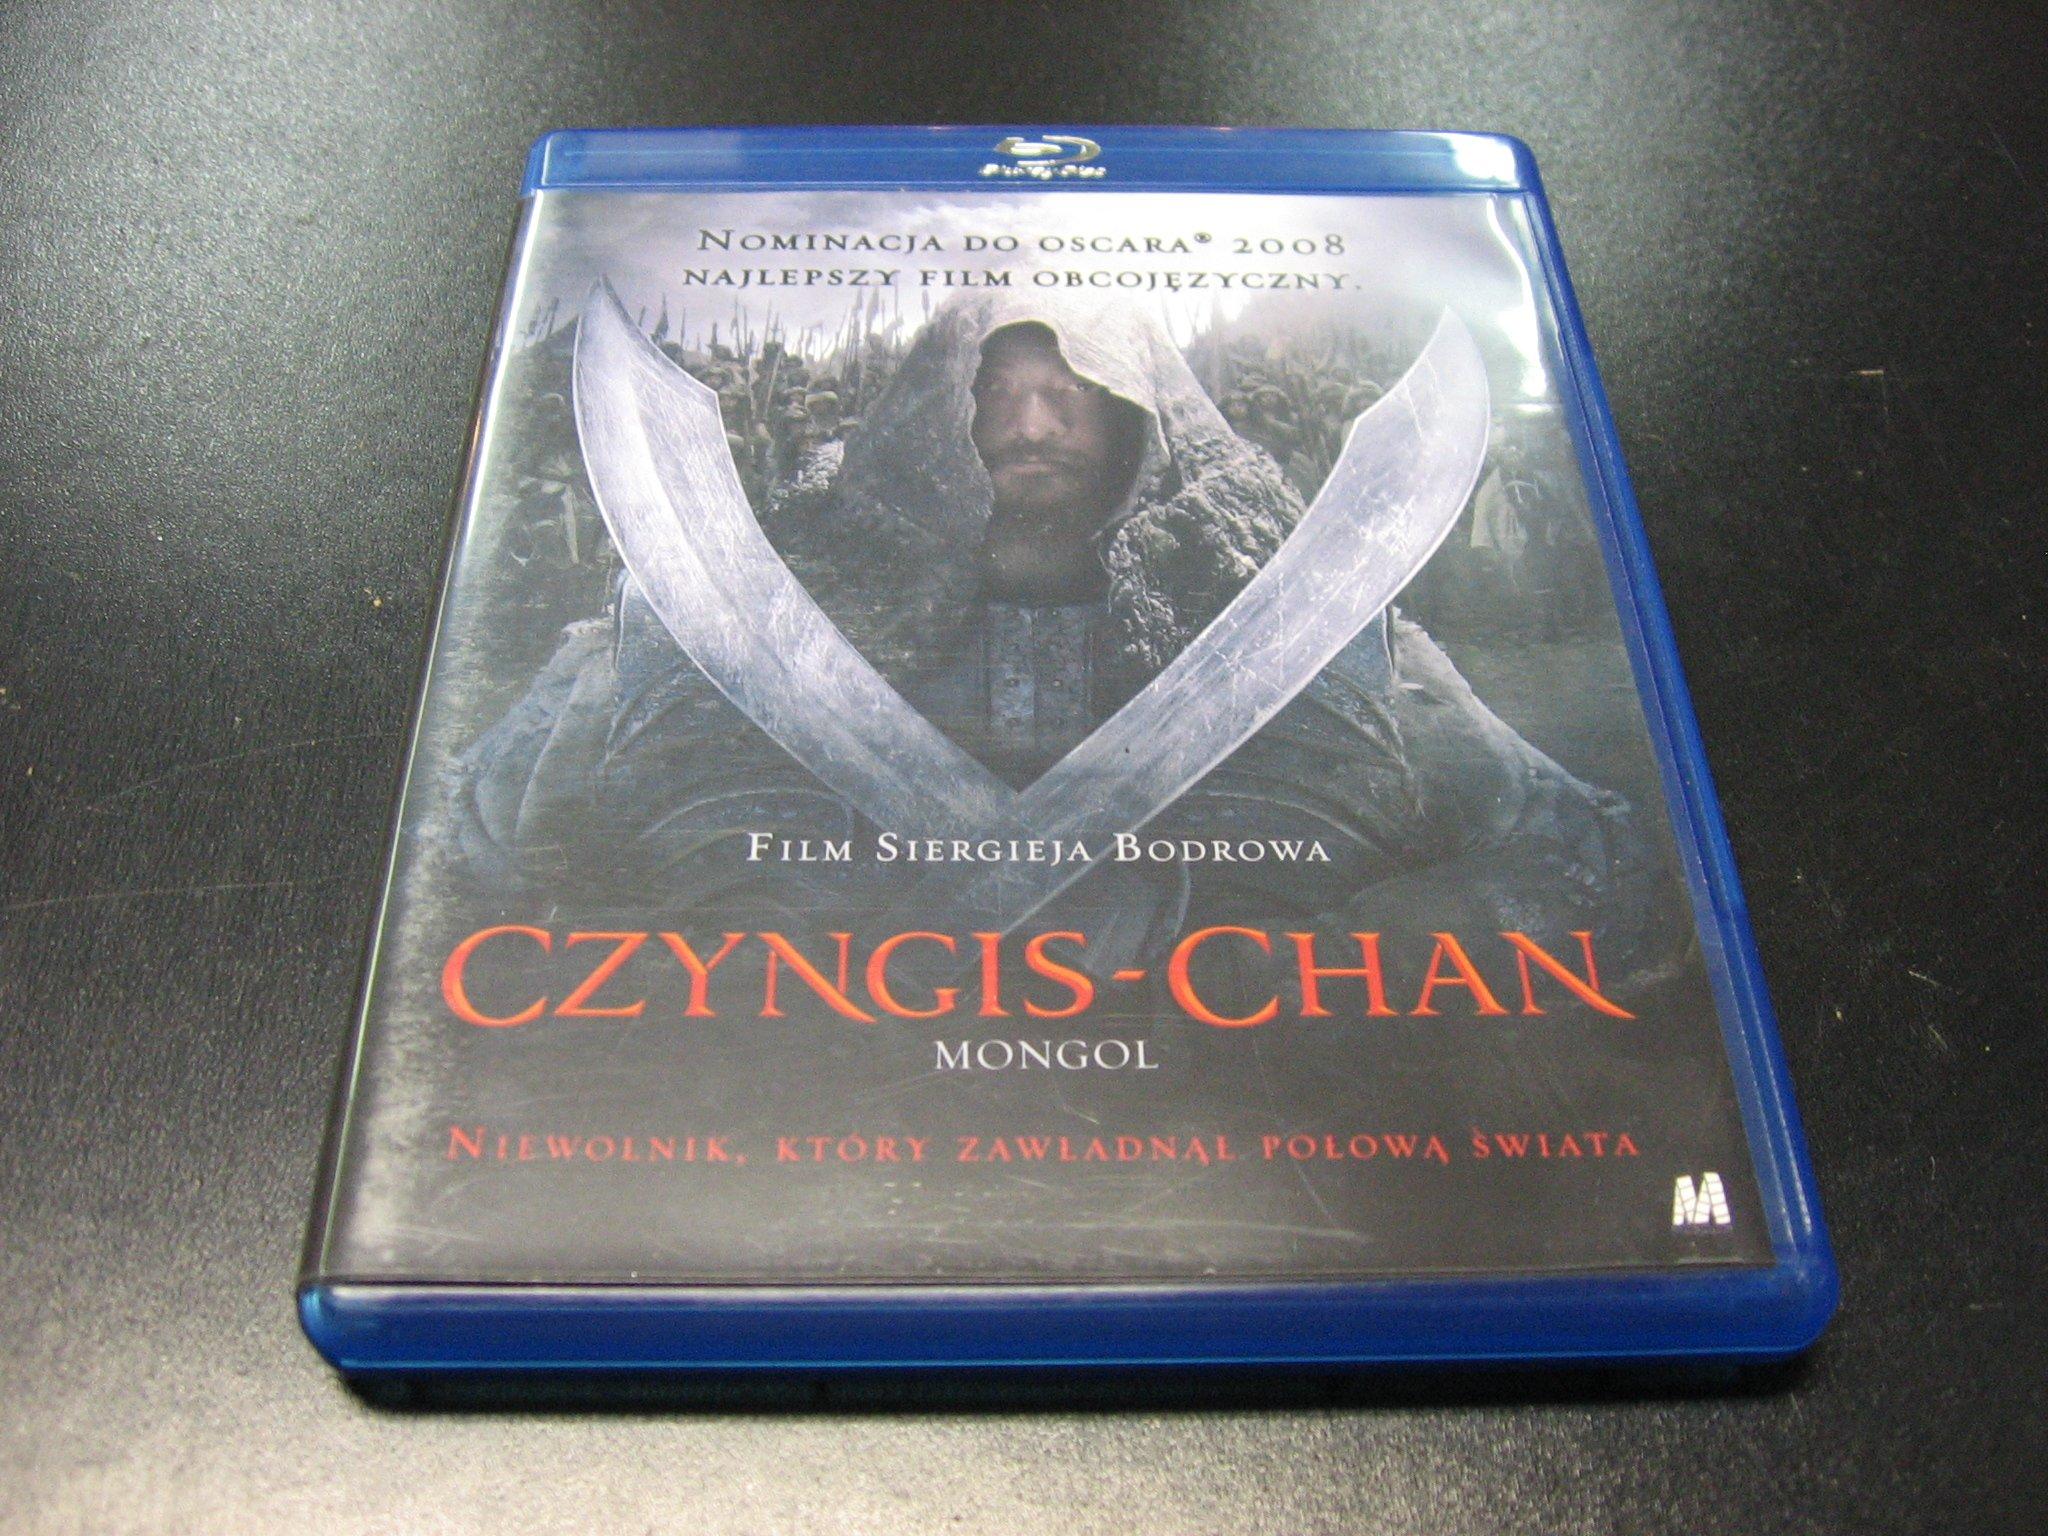 CZYNGIS - CHAN 023 `````````` Blu-rey ```````````` Opole